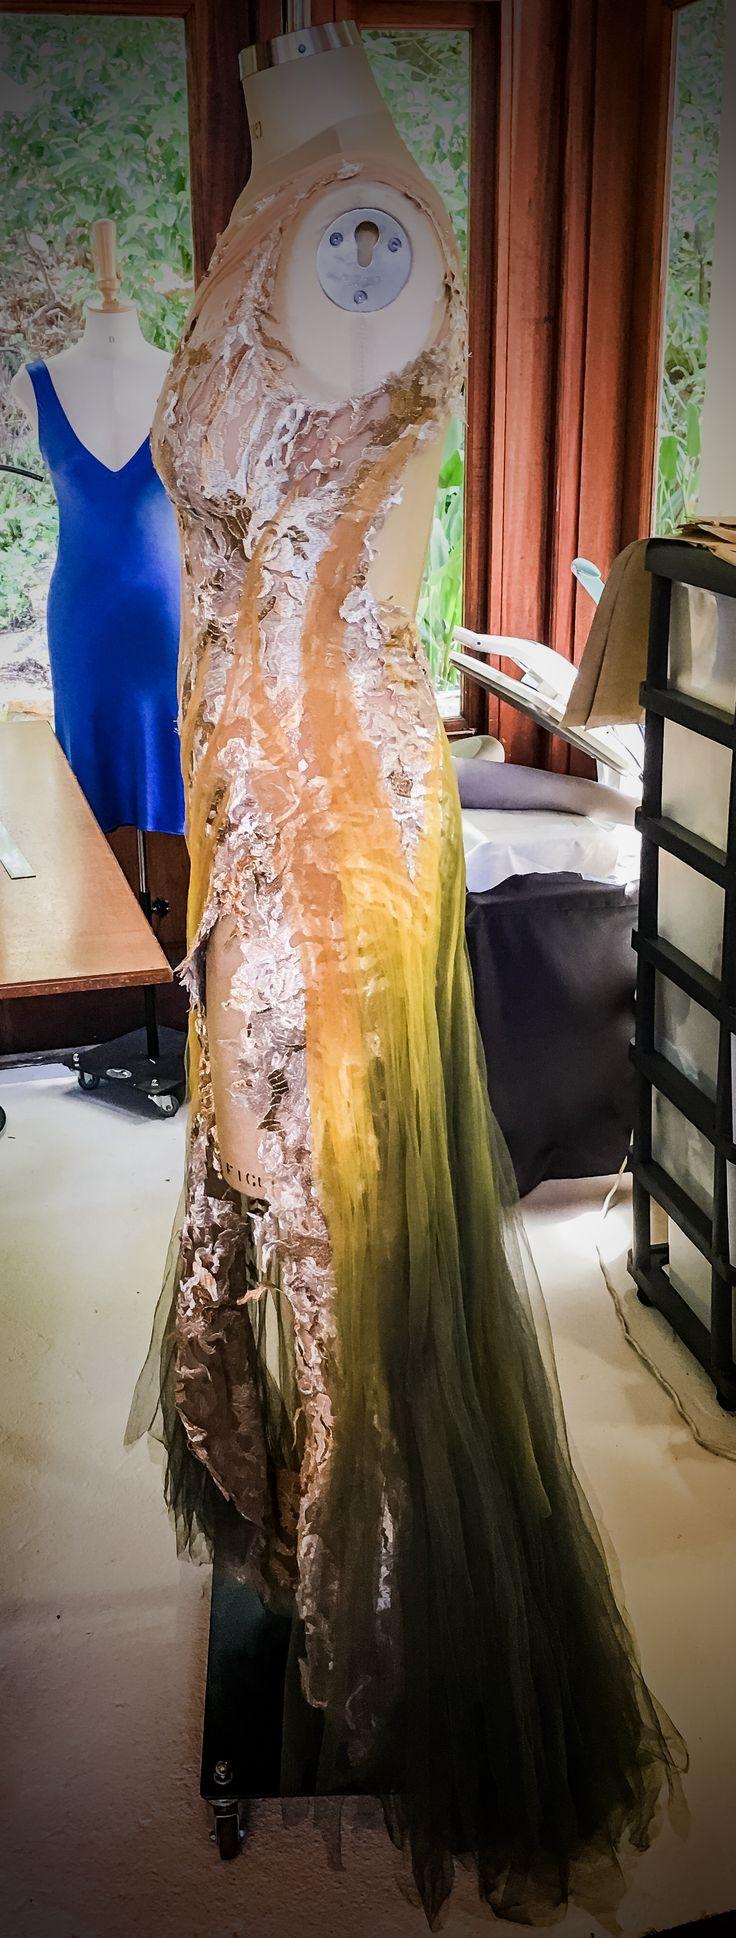 Midsummer Night's Dream themed custom dress